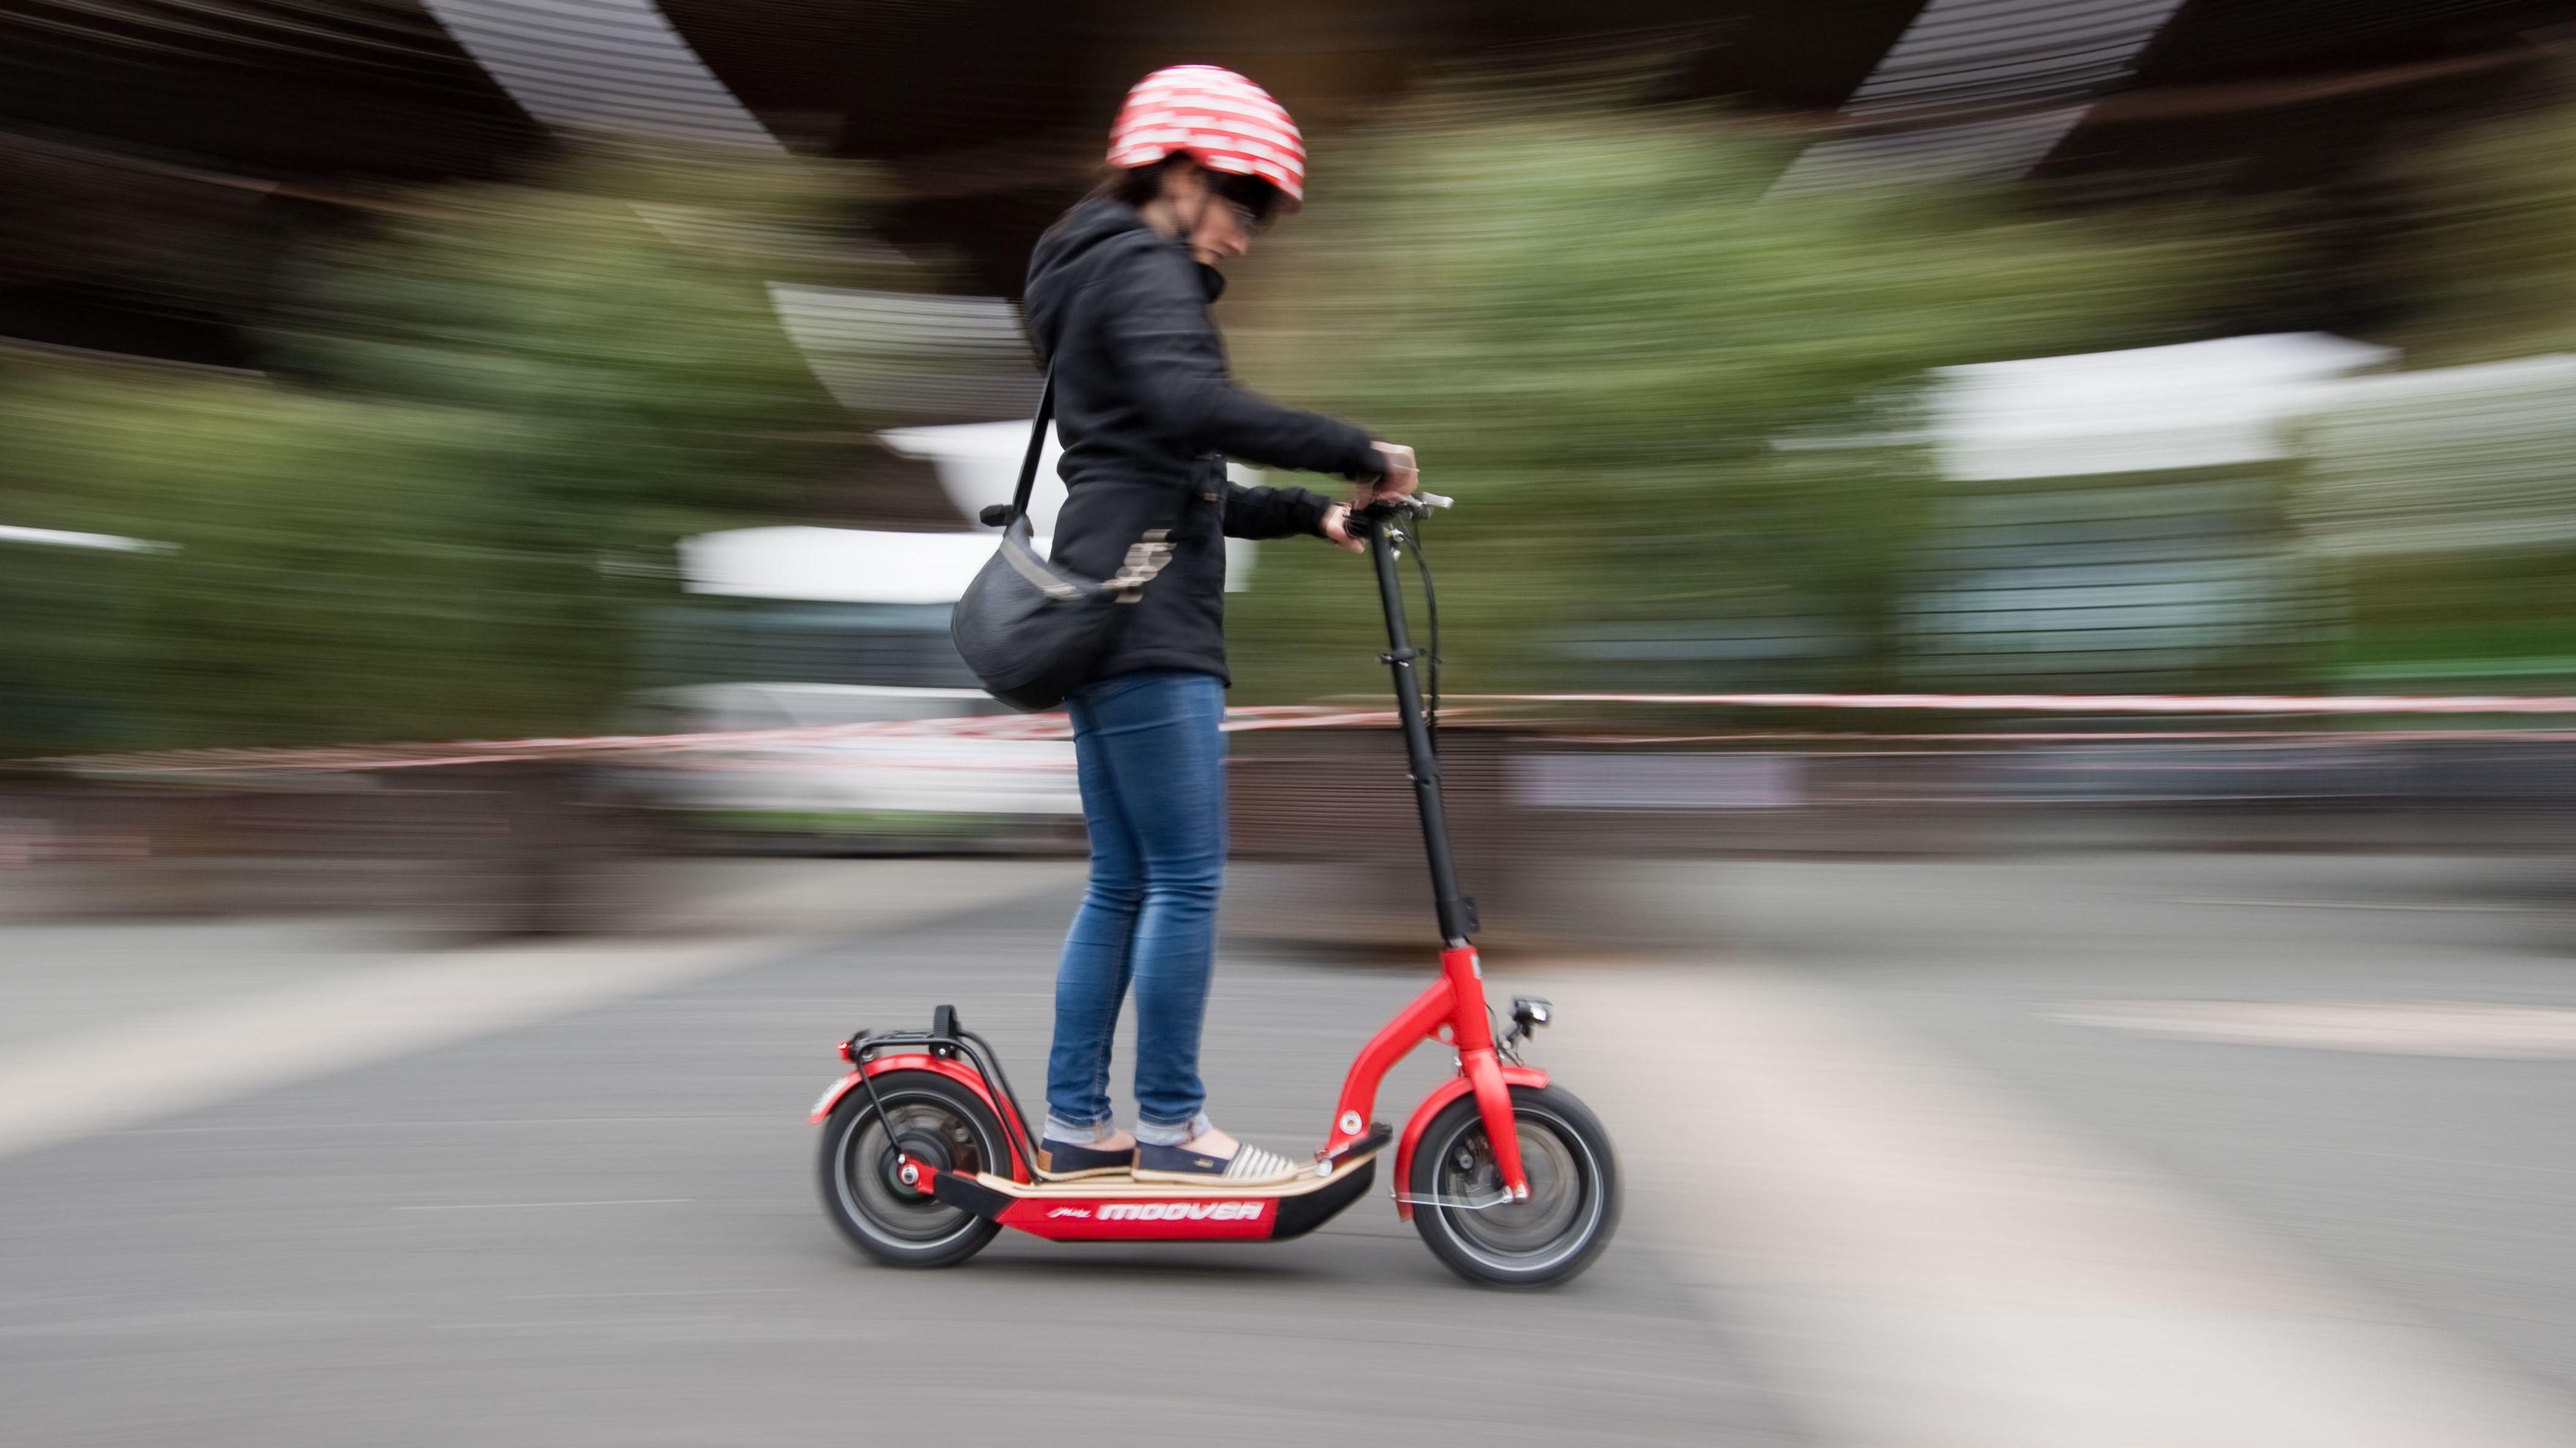 Eine Frau ist auf einem E-Scooter unterwegs